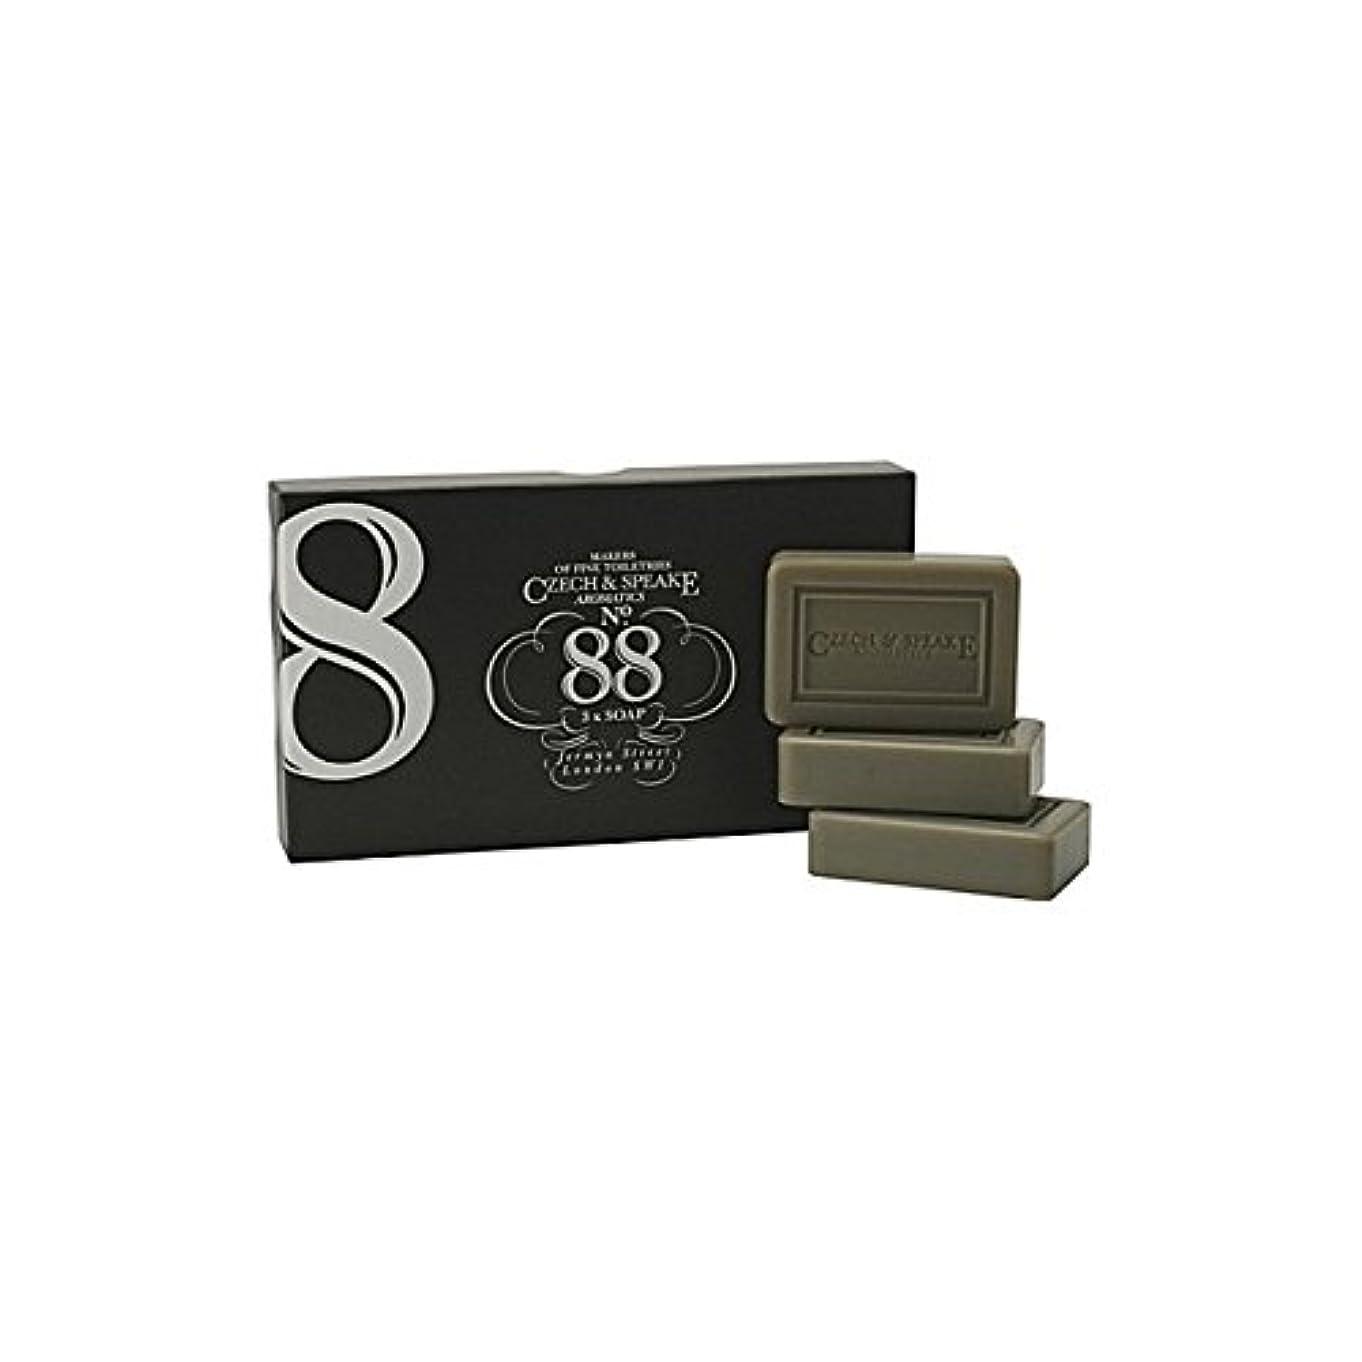 コンセンサスマラソンかけるチェコ&スピーク.88ソープセット x2 - Czech & Speake No.88 Soap Set (Pack of 2) [並行輸入品]